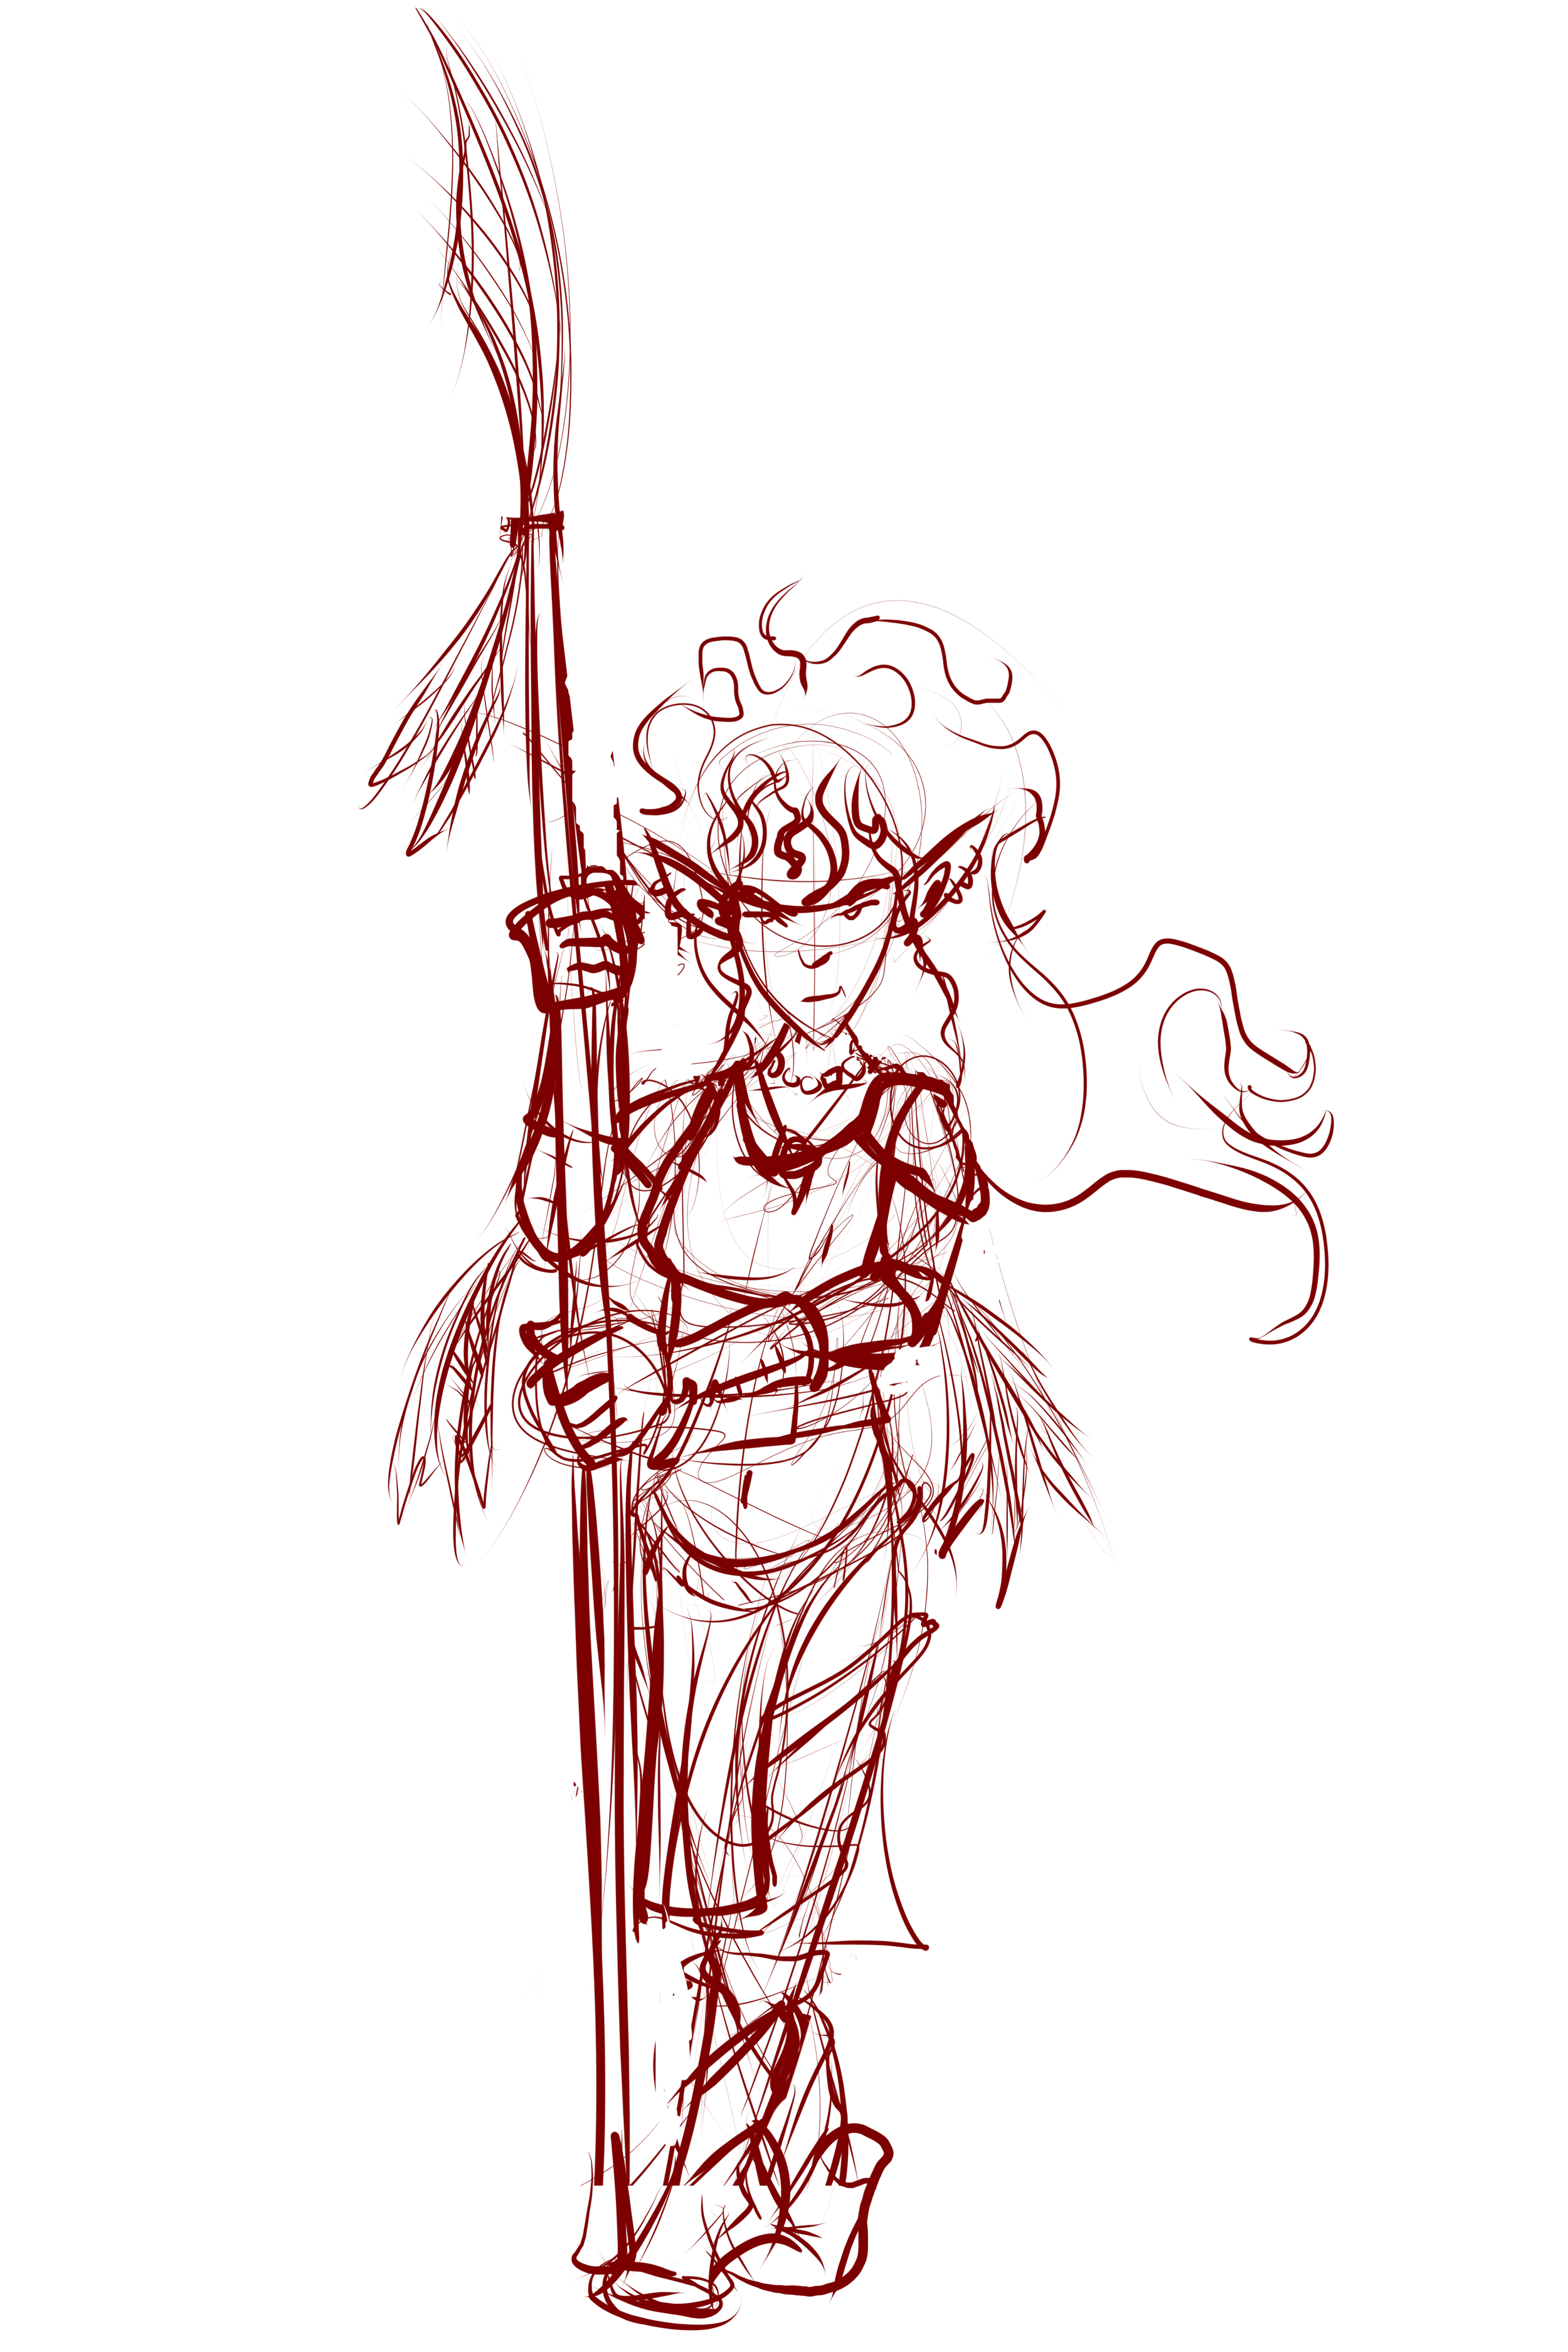 Elf Barbarian - Sketch